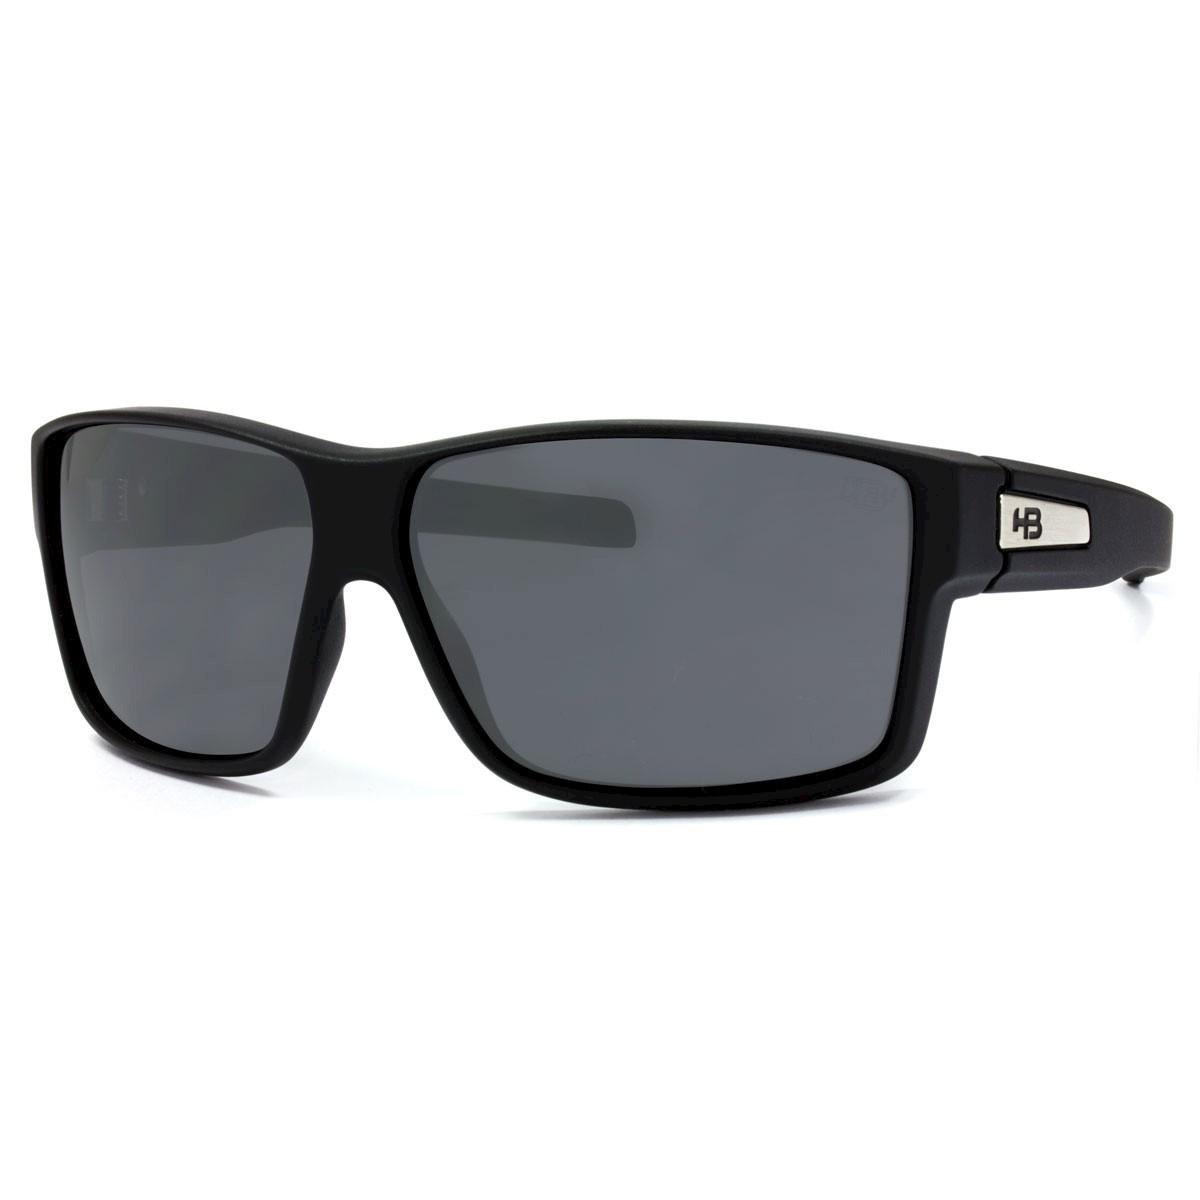 9948454a06679 Óculos de Sol HB Big Vert Matte Black Lenses Grey - Preto - Compre Agora